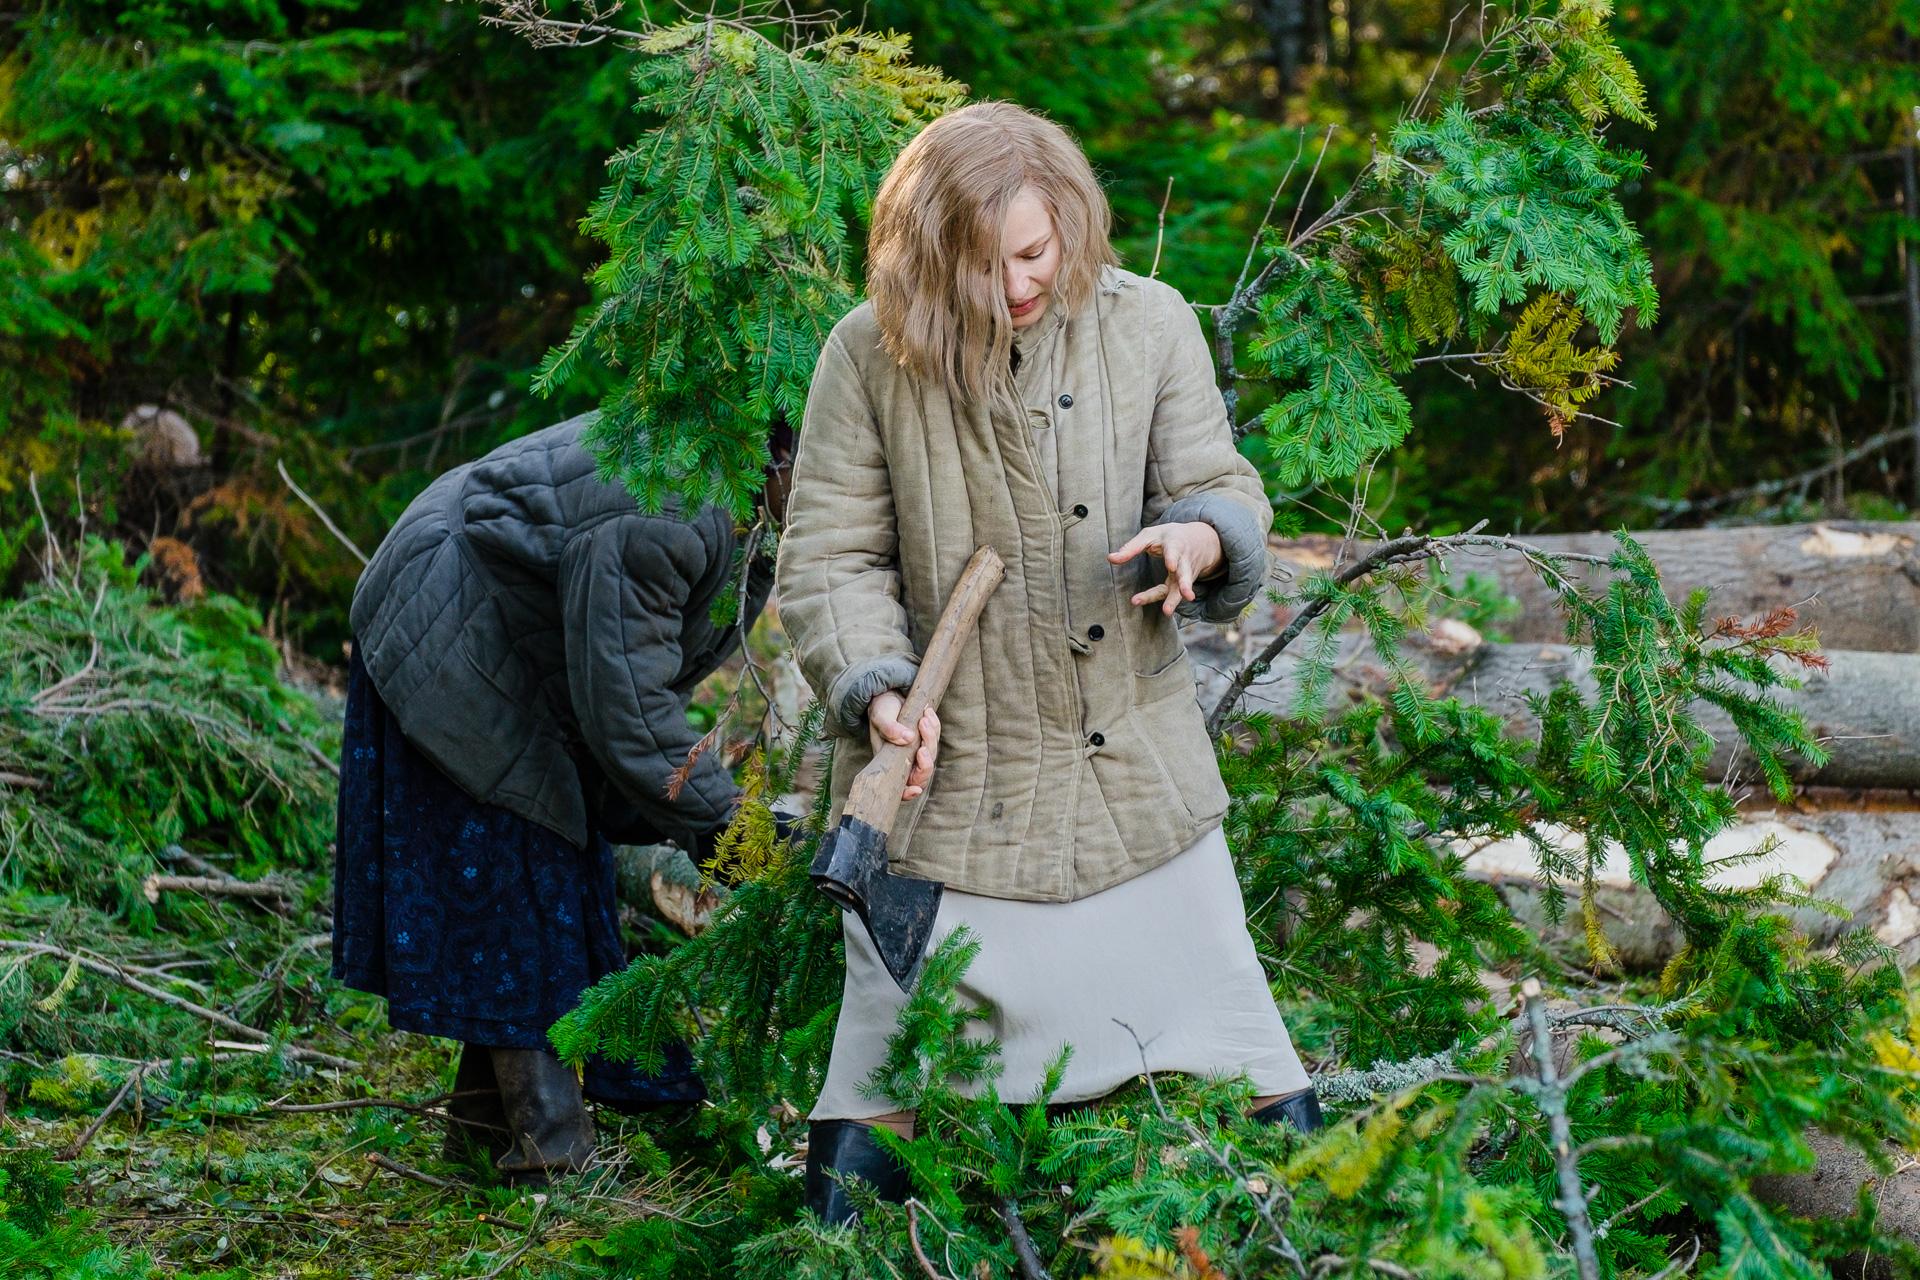 Юлия орудует топором уже не в первый раз